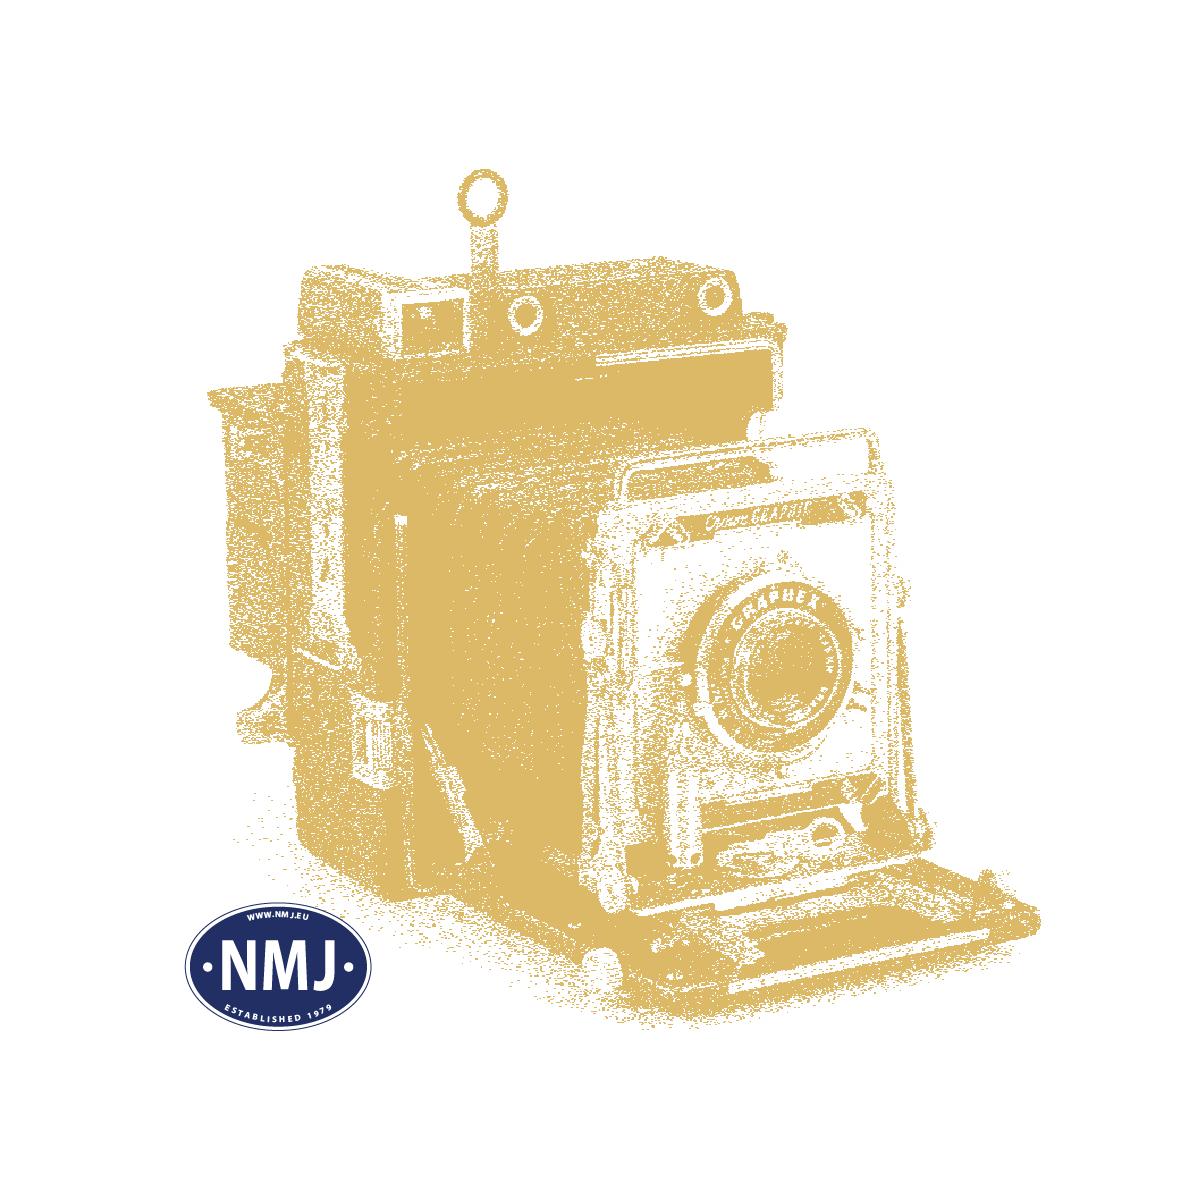 NJKPS172 - På Sporet nr 172, blad